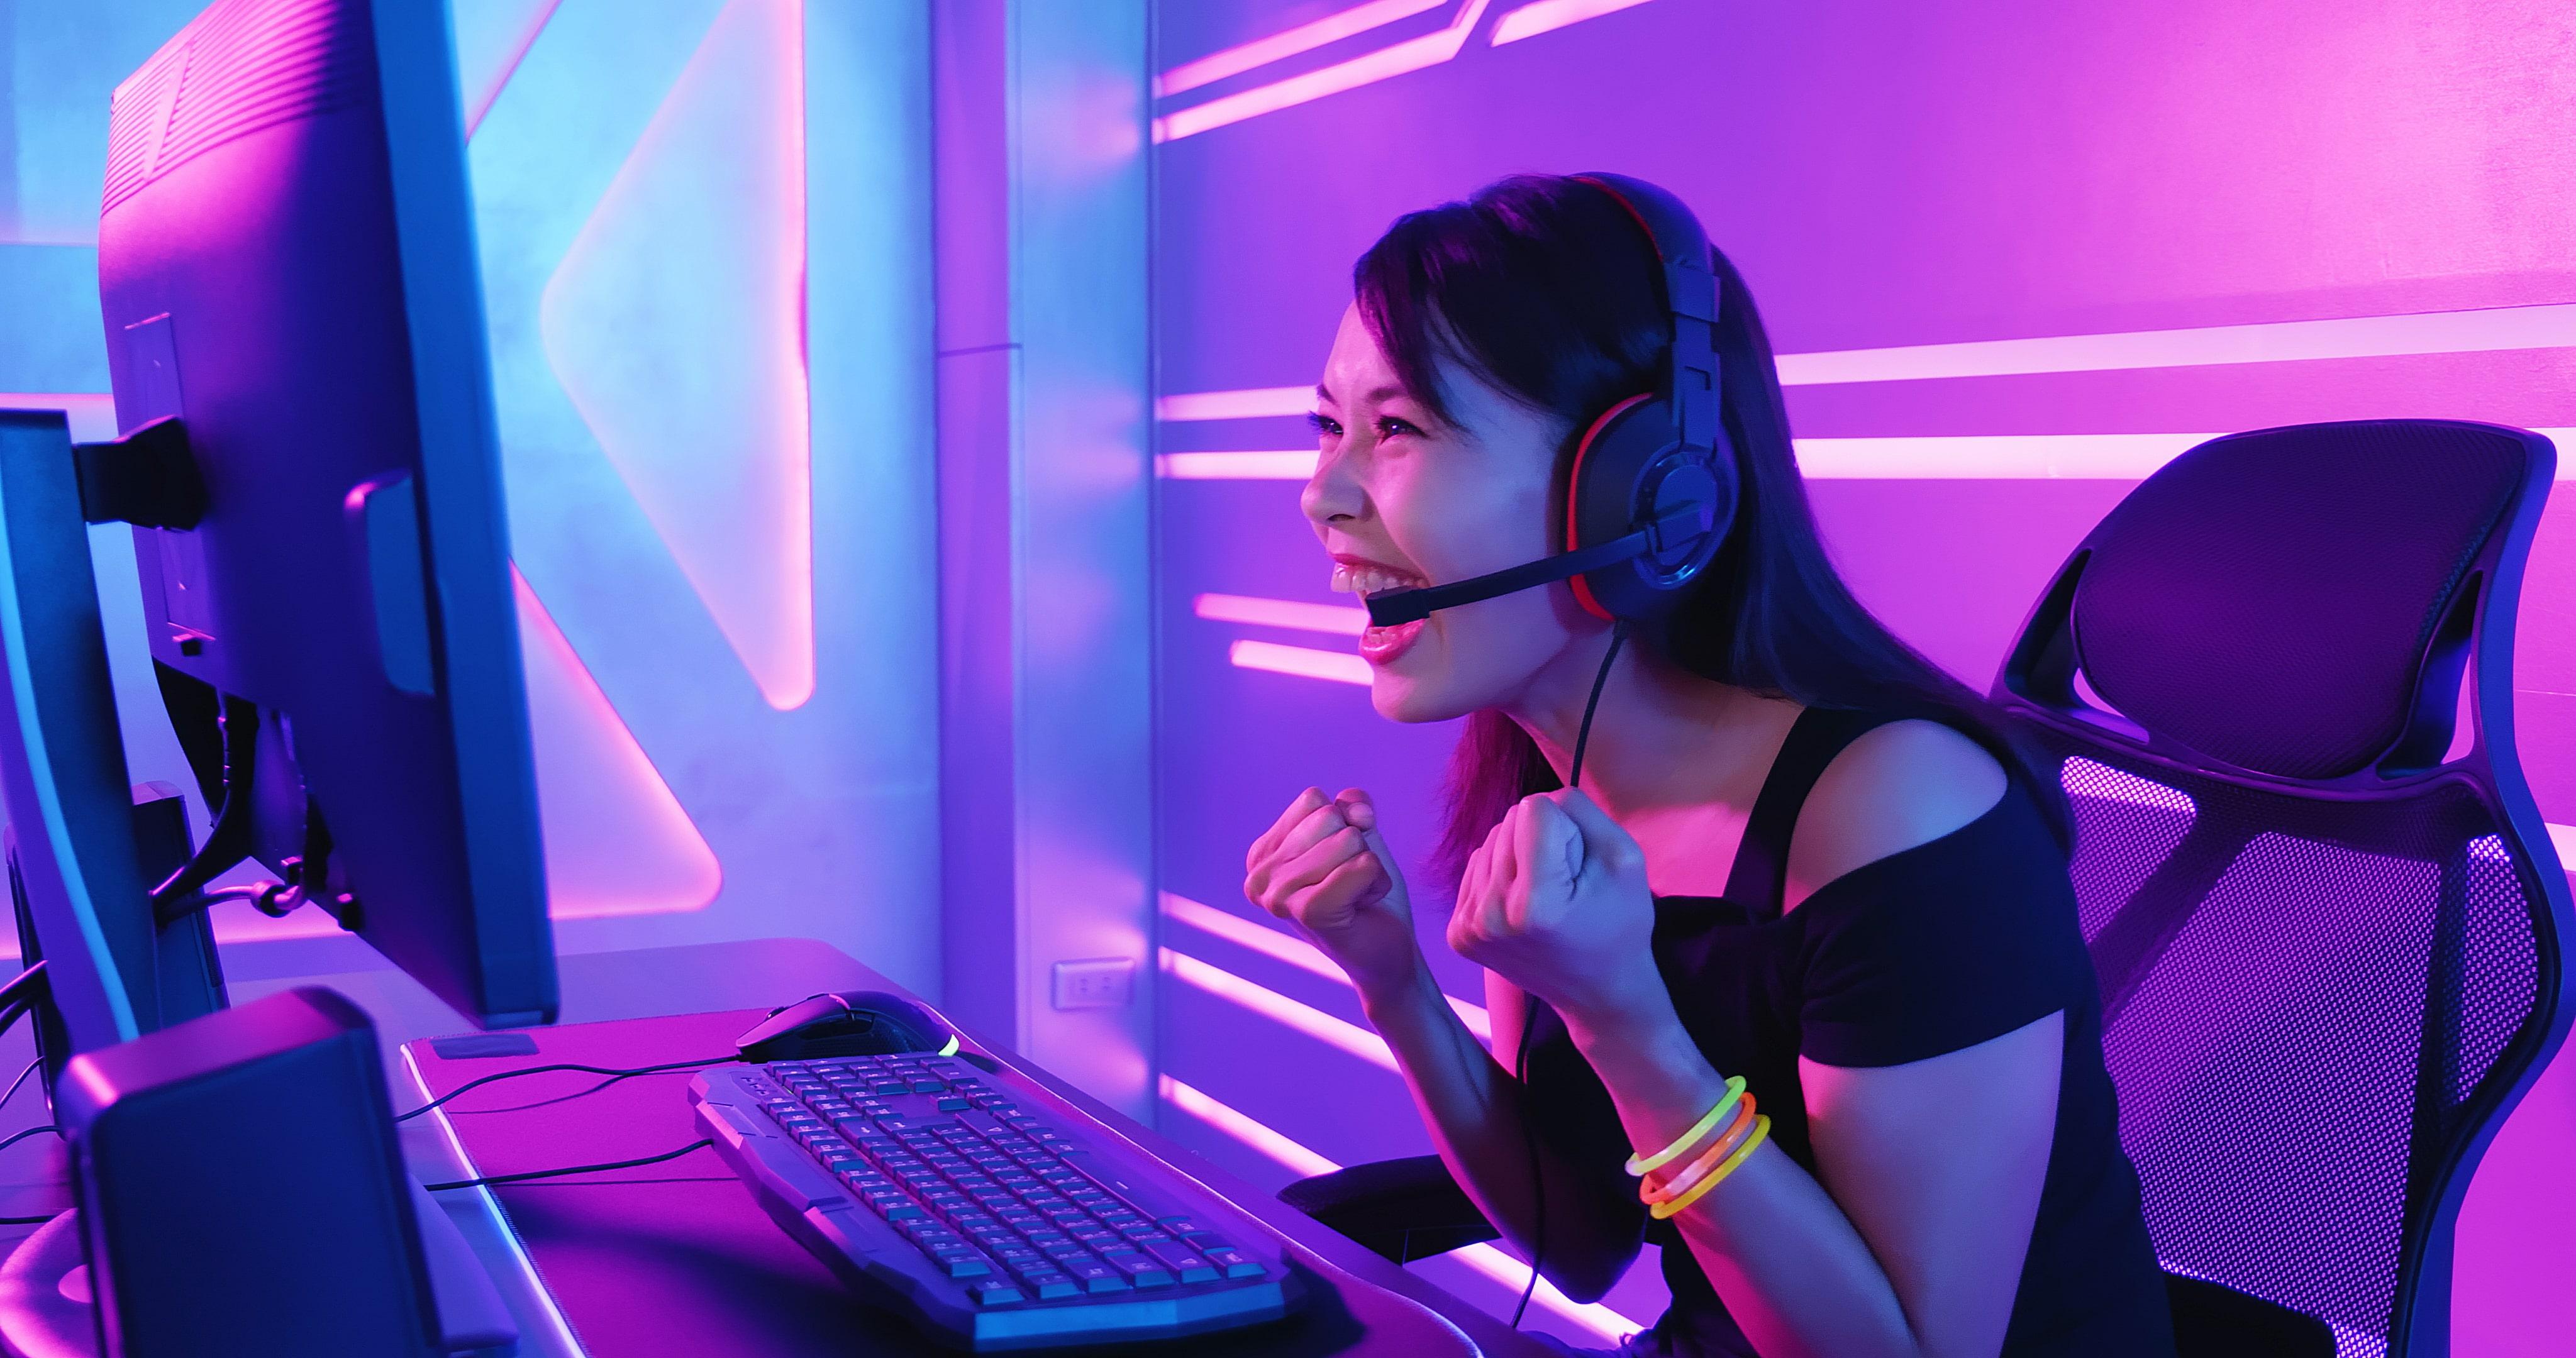 ➤ Ставки на кіберспорт онлайн, зробити ставку на кіберспорт в БК